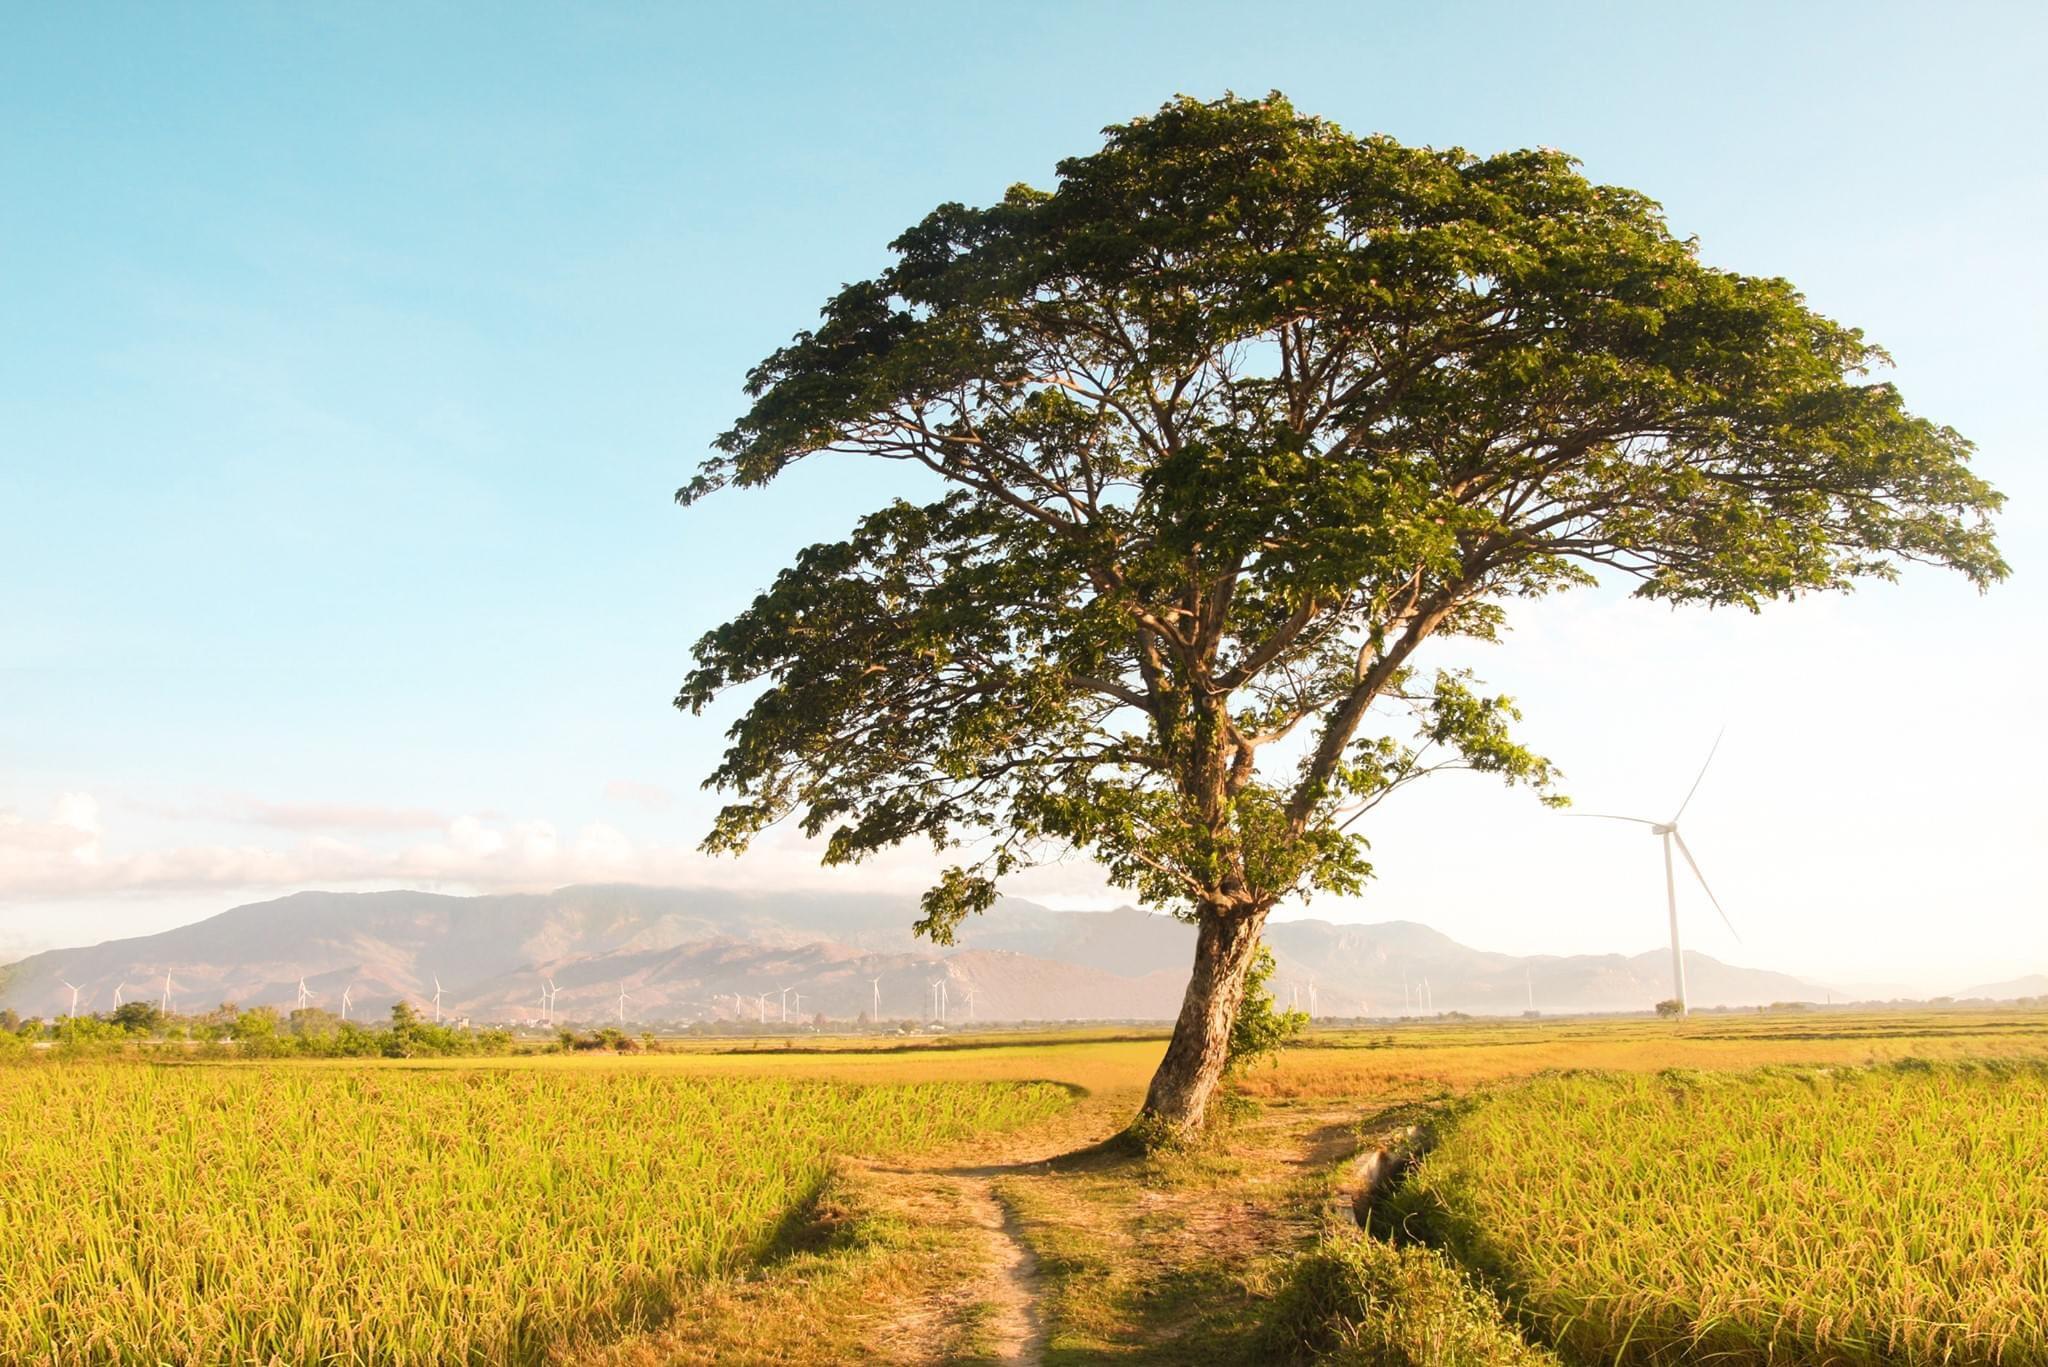 Ảnh cây xanh cô đơn